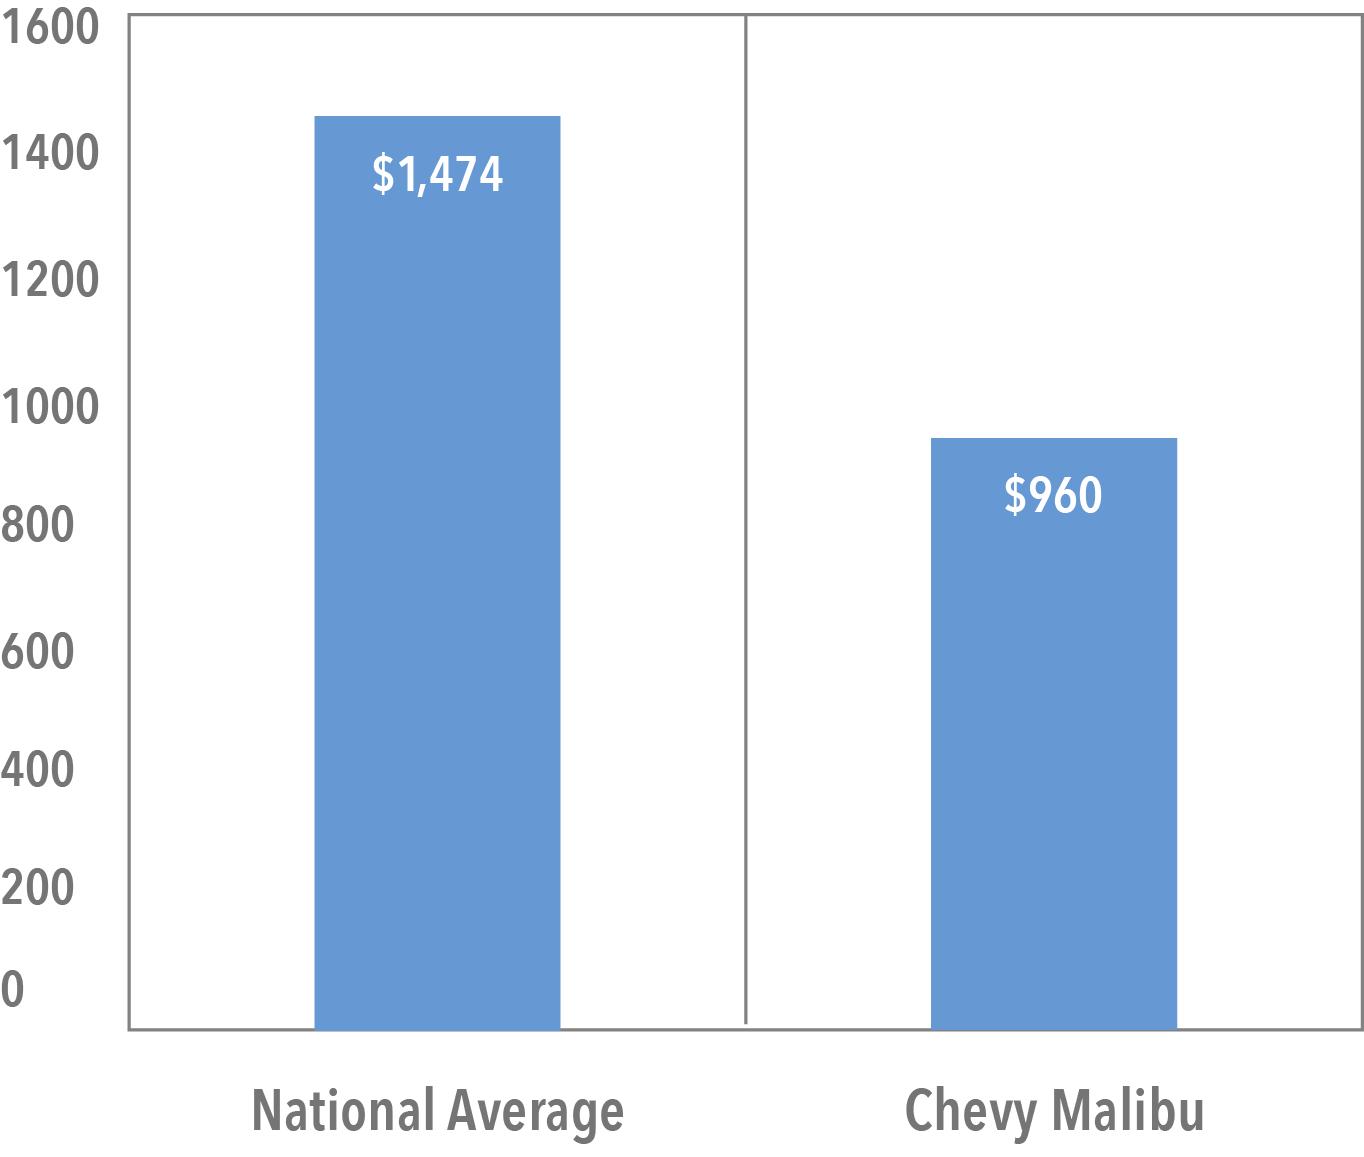 Average Cost of Malibu Insurance